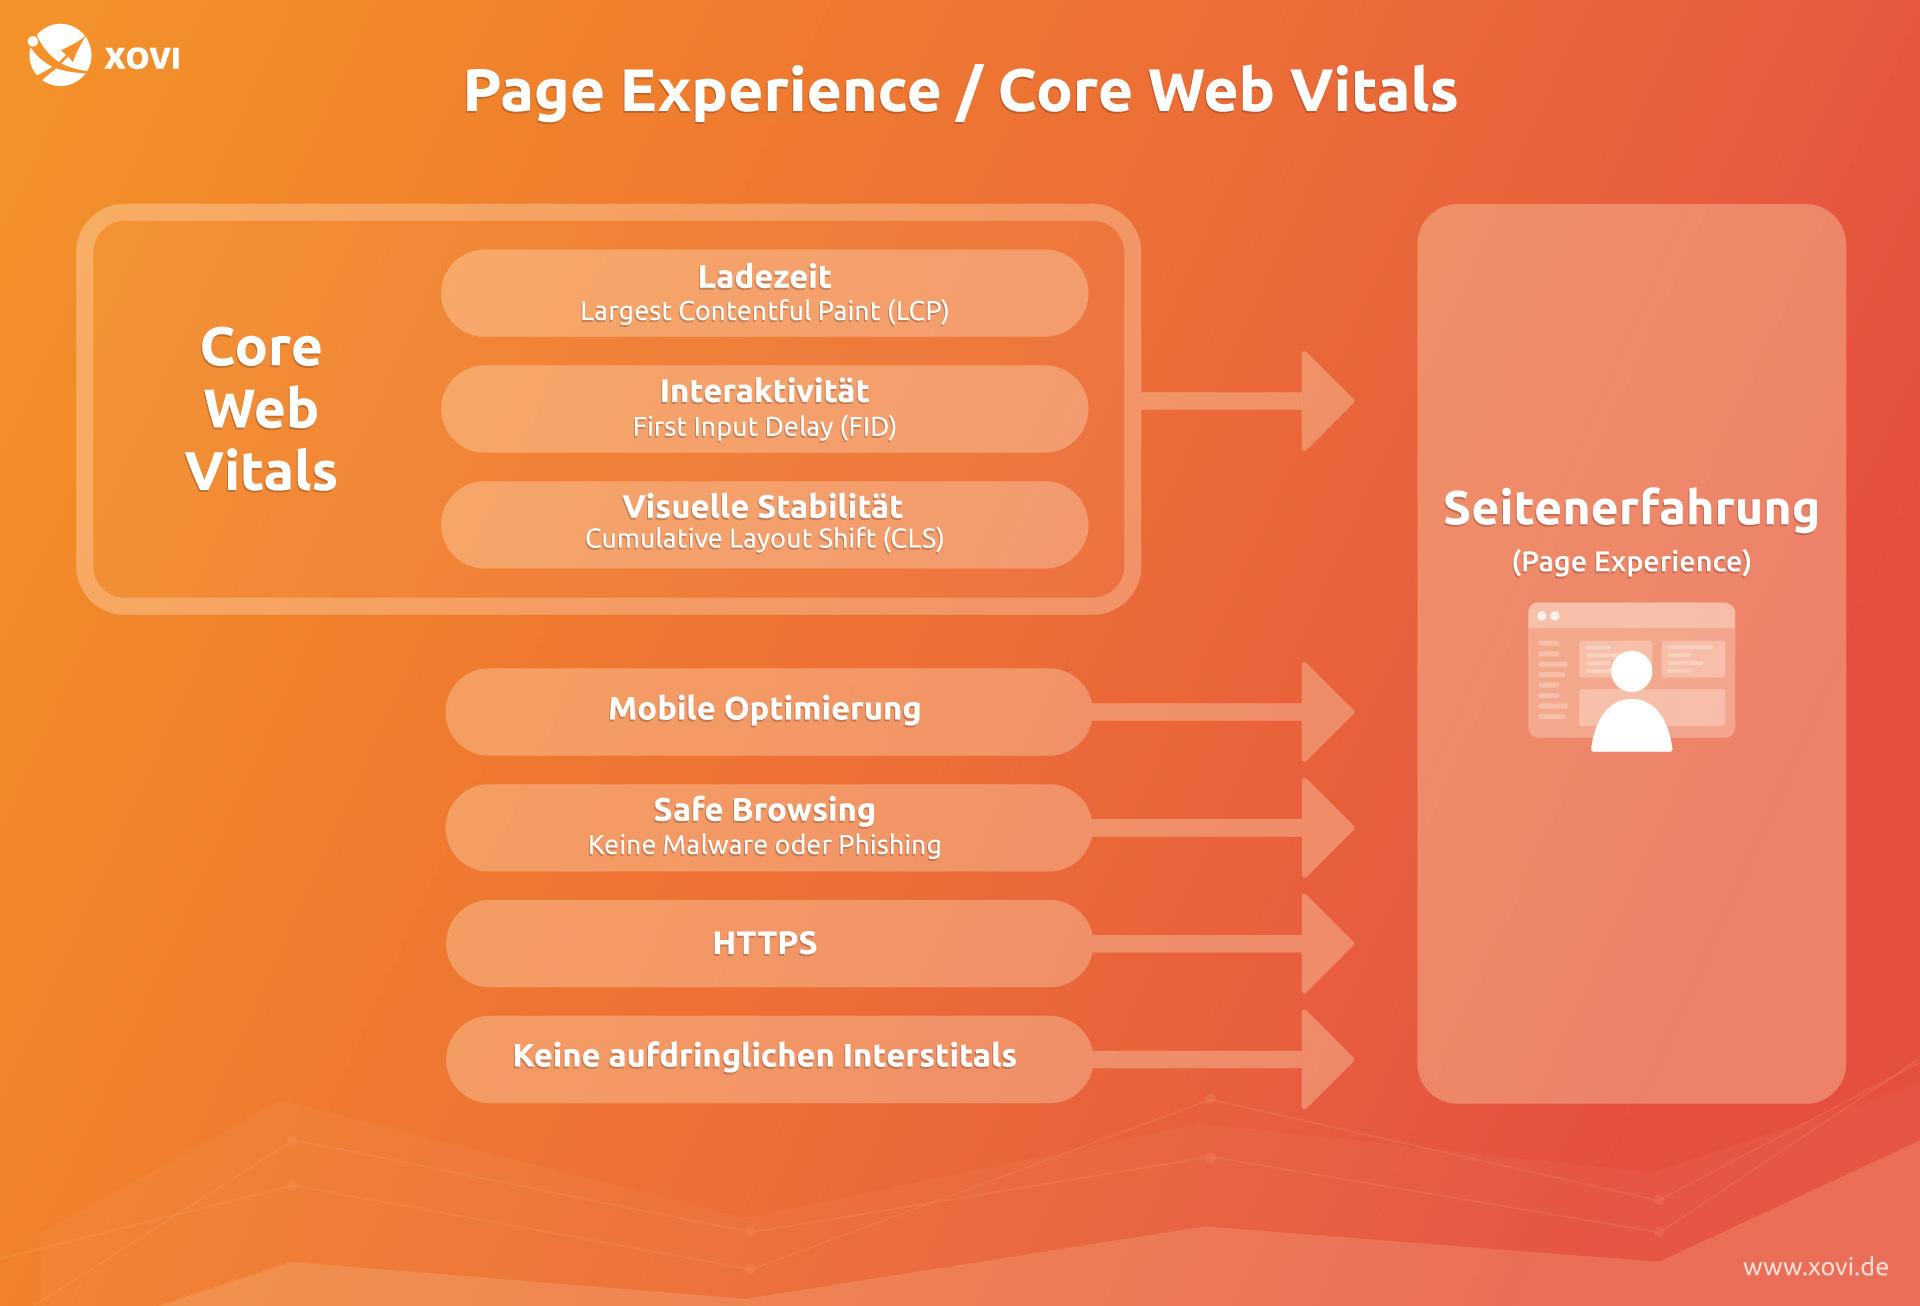 Core Web Vitals werden mit dem Page Experience -Update zum Rankingfaktor